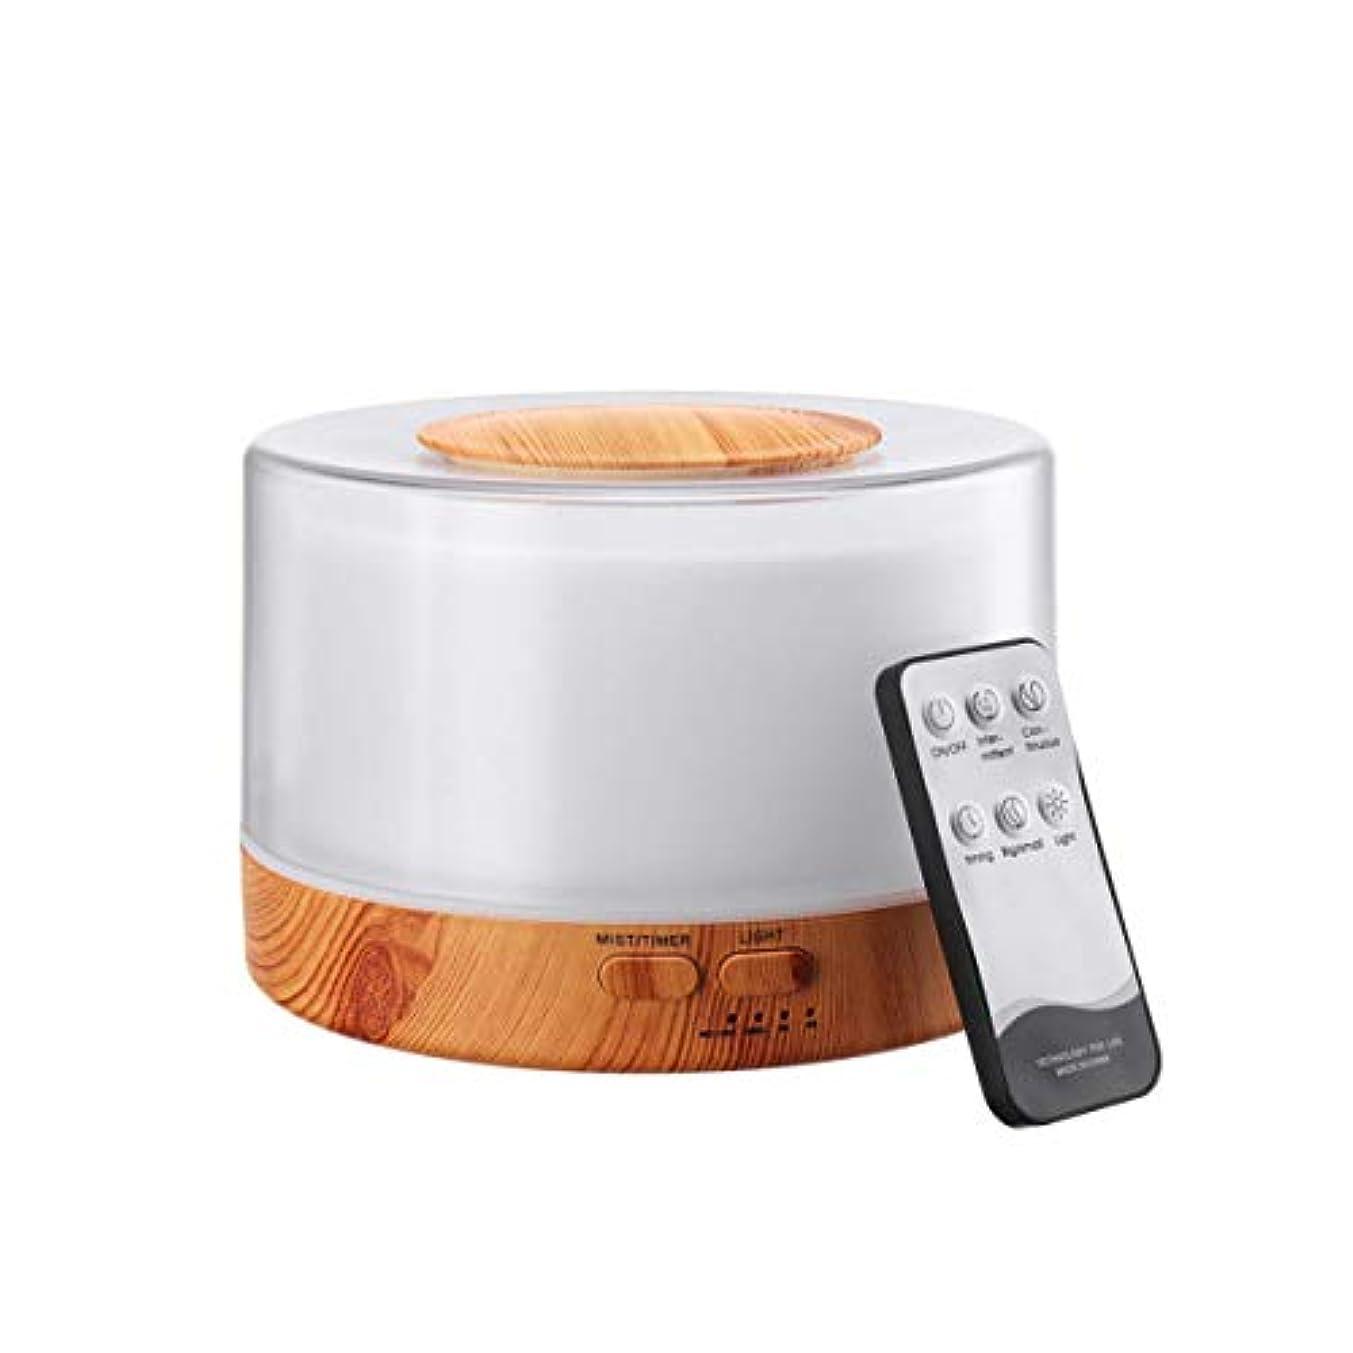 暴露する闇哲学博士Healifty Essential Oil Diffuser Cool Mist Air Humidifier Aroma Atomizer Aromatherapy for Bedroom Office 700ml (Light Wood Grain)